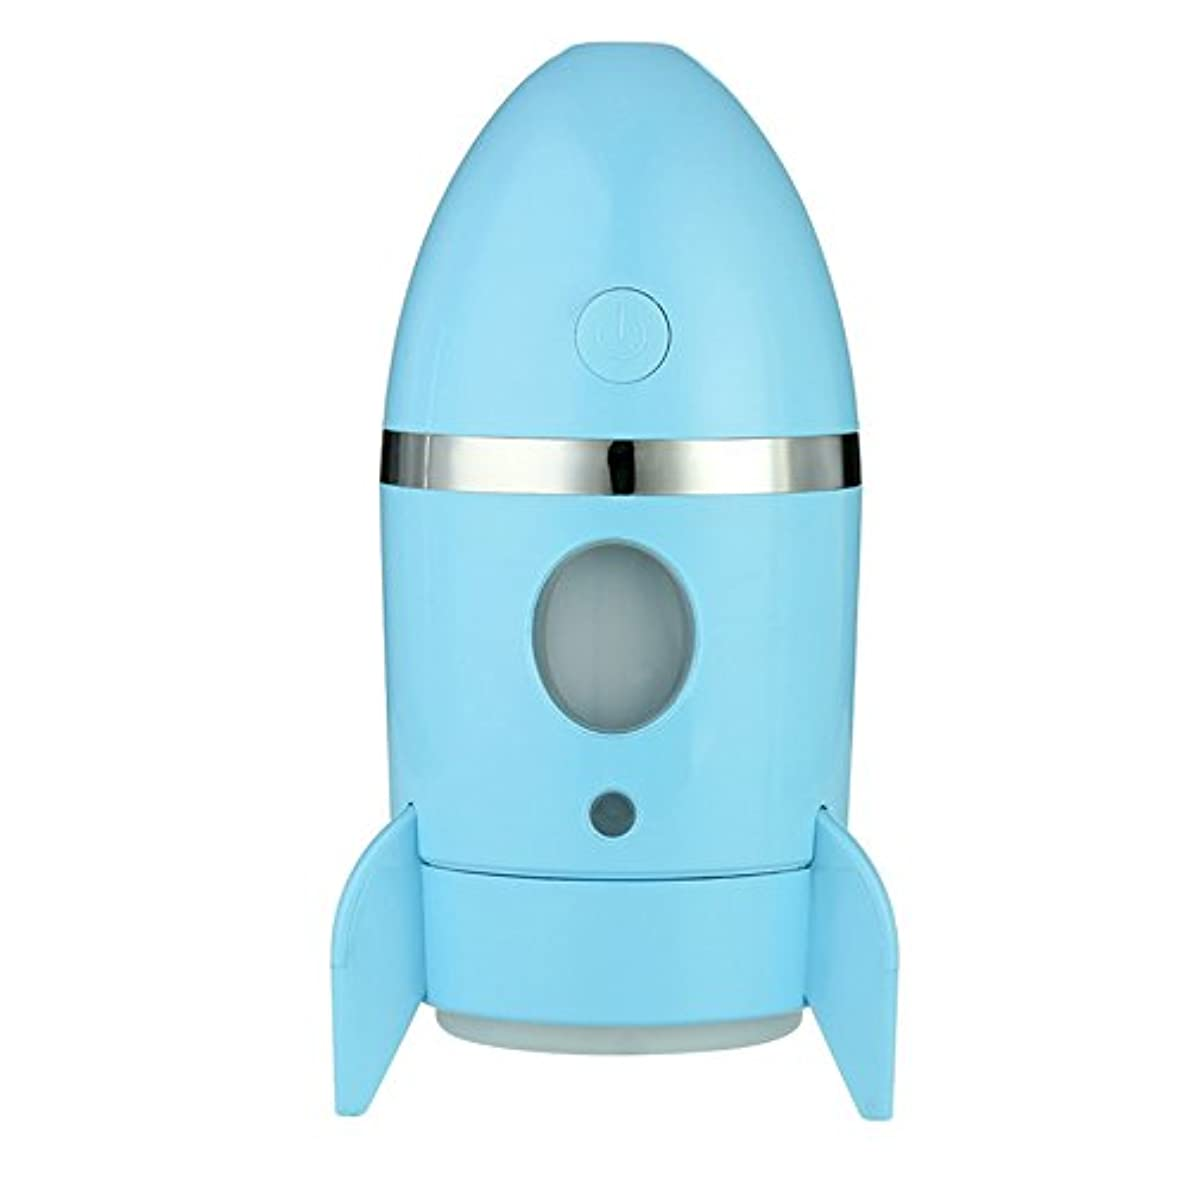 レーザオン定刻Lazayyii USBミニ加湿器 超音波 エッセンシャルオイル ミスト (ブルー)